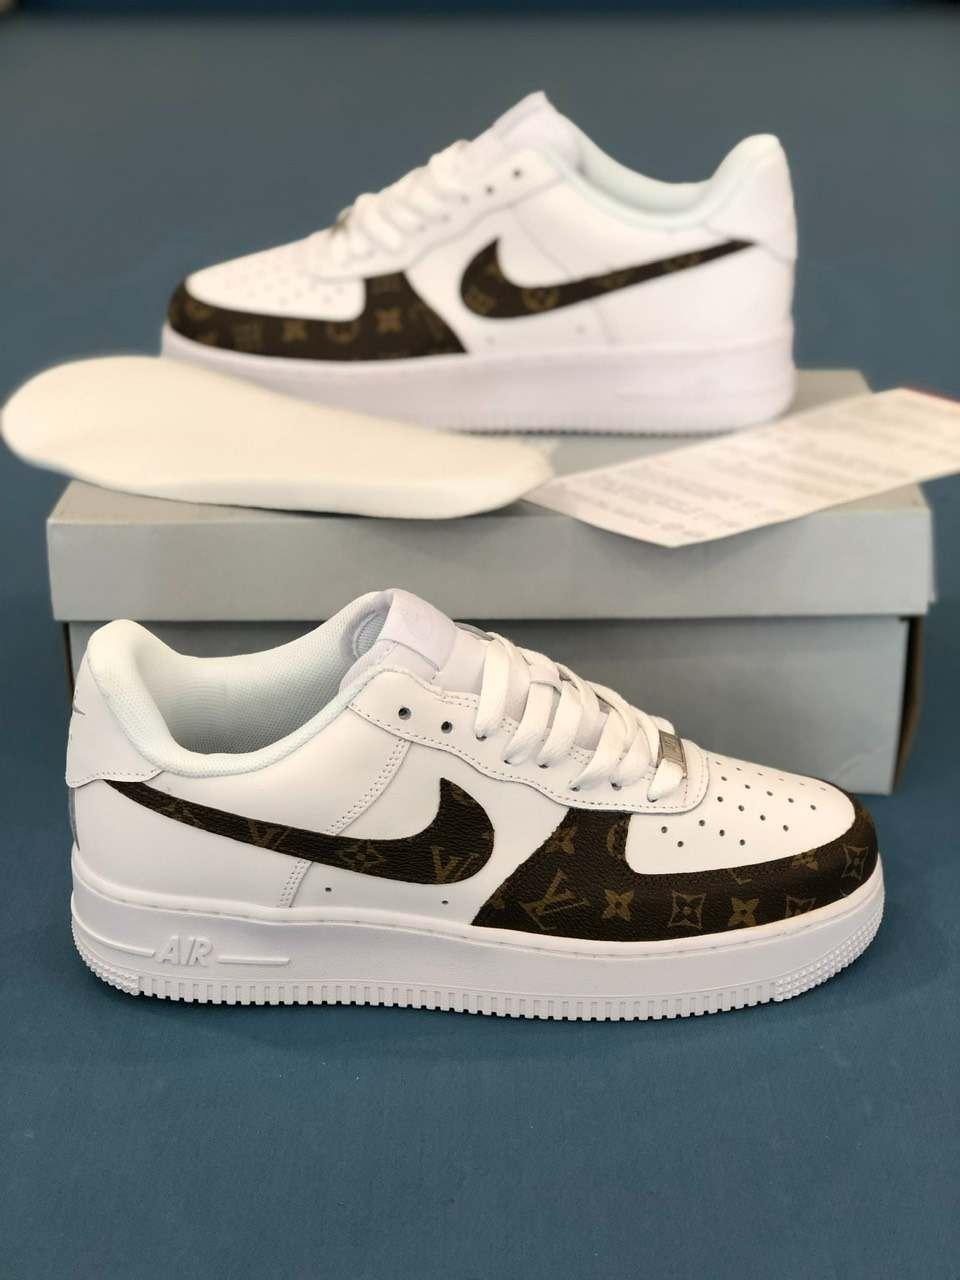 Nike Air Force 1 Louis Vuitton rep 1:1 được đánh giá cao bởi thiết kế sang trọng, đẳng cấp